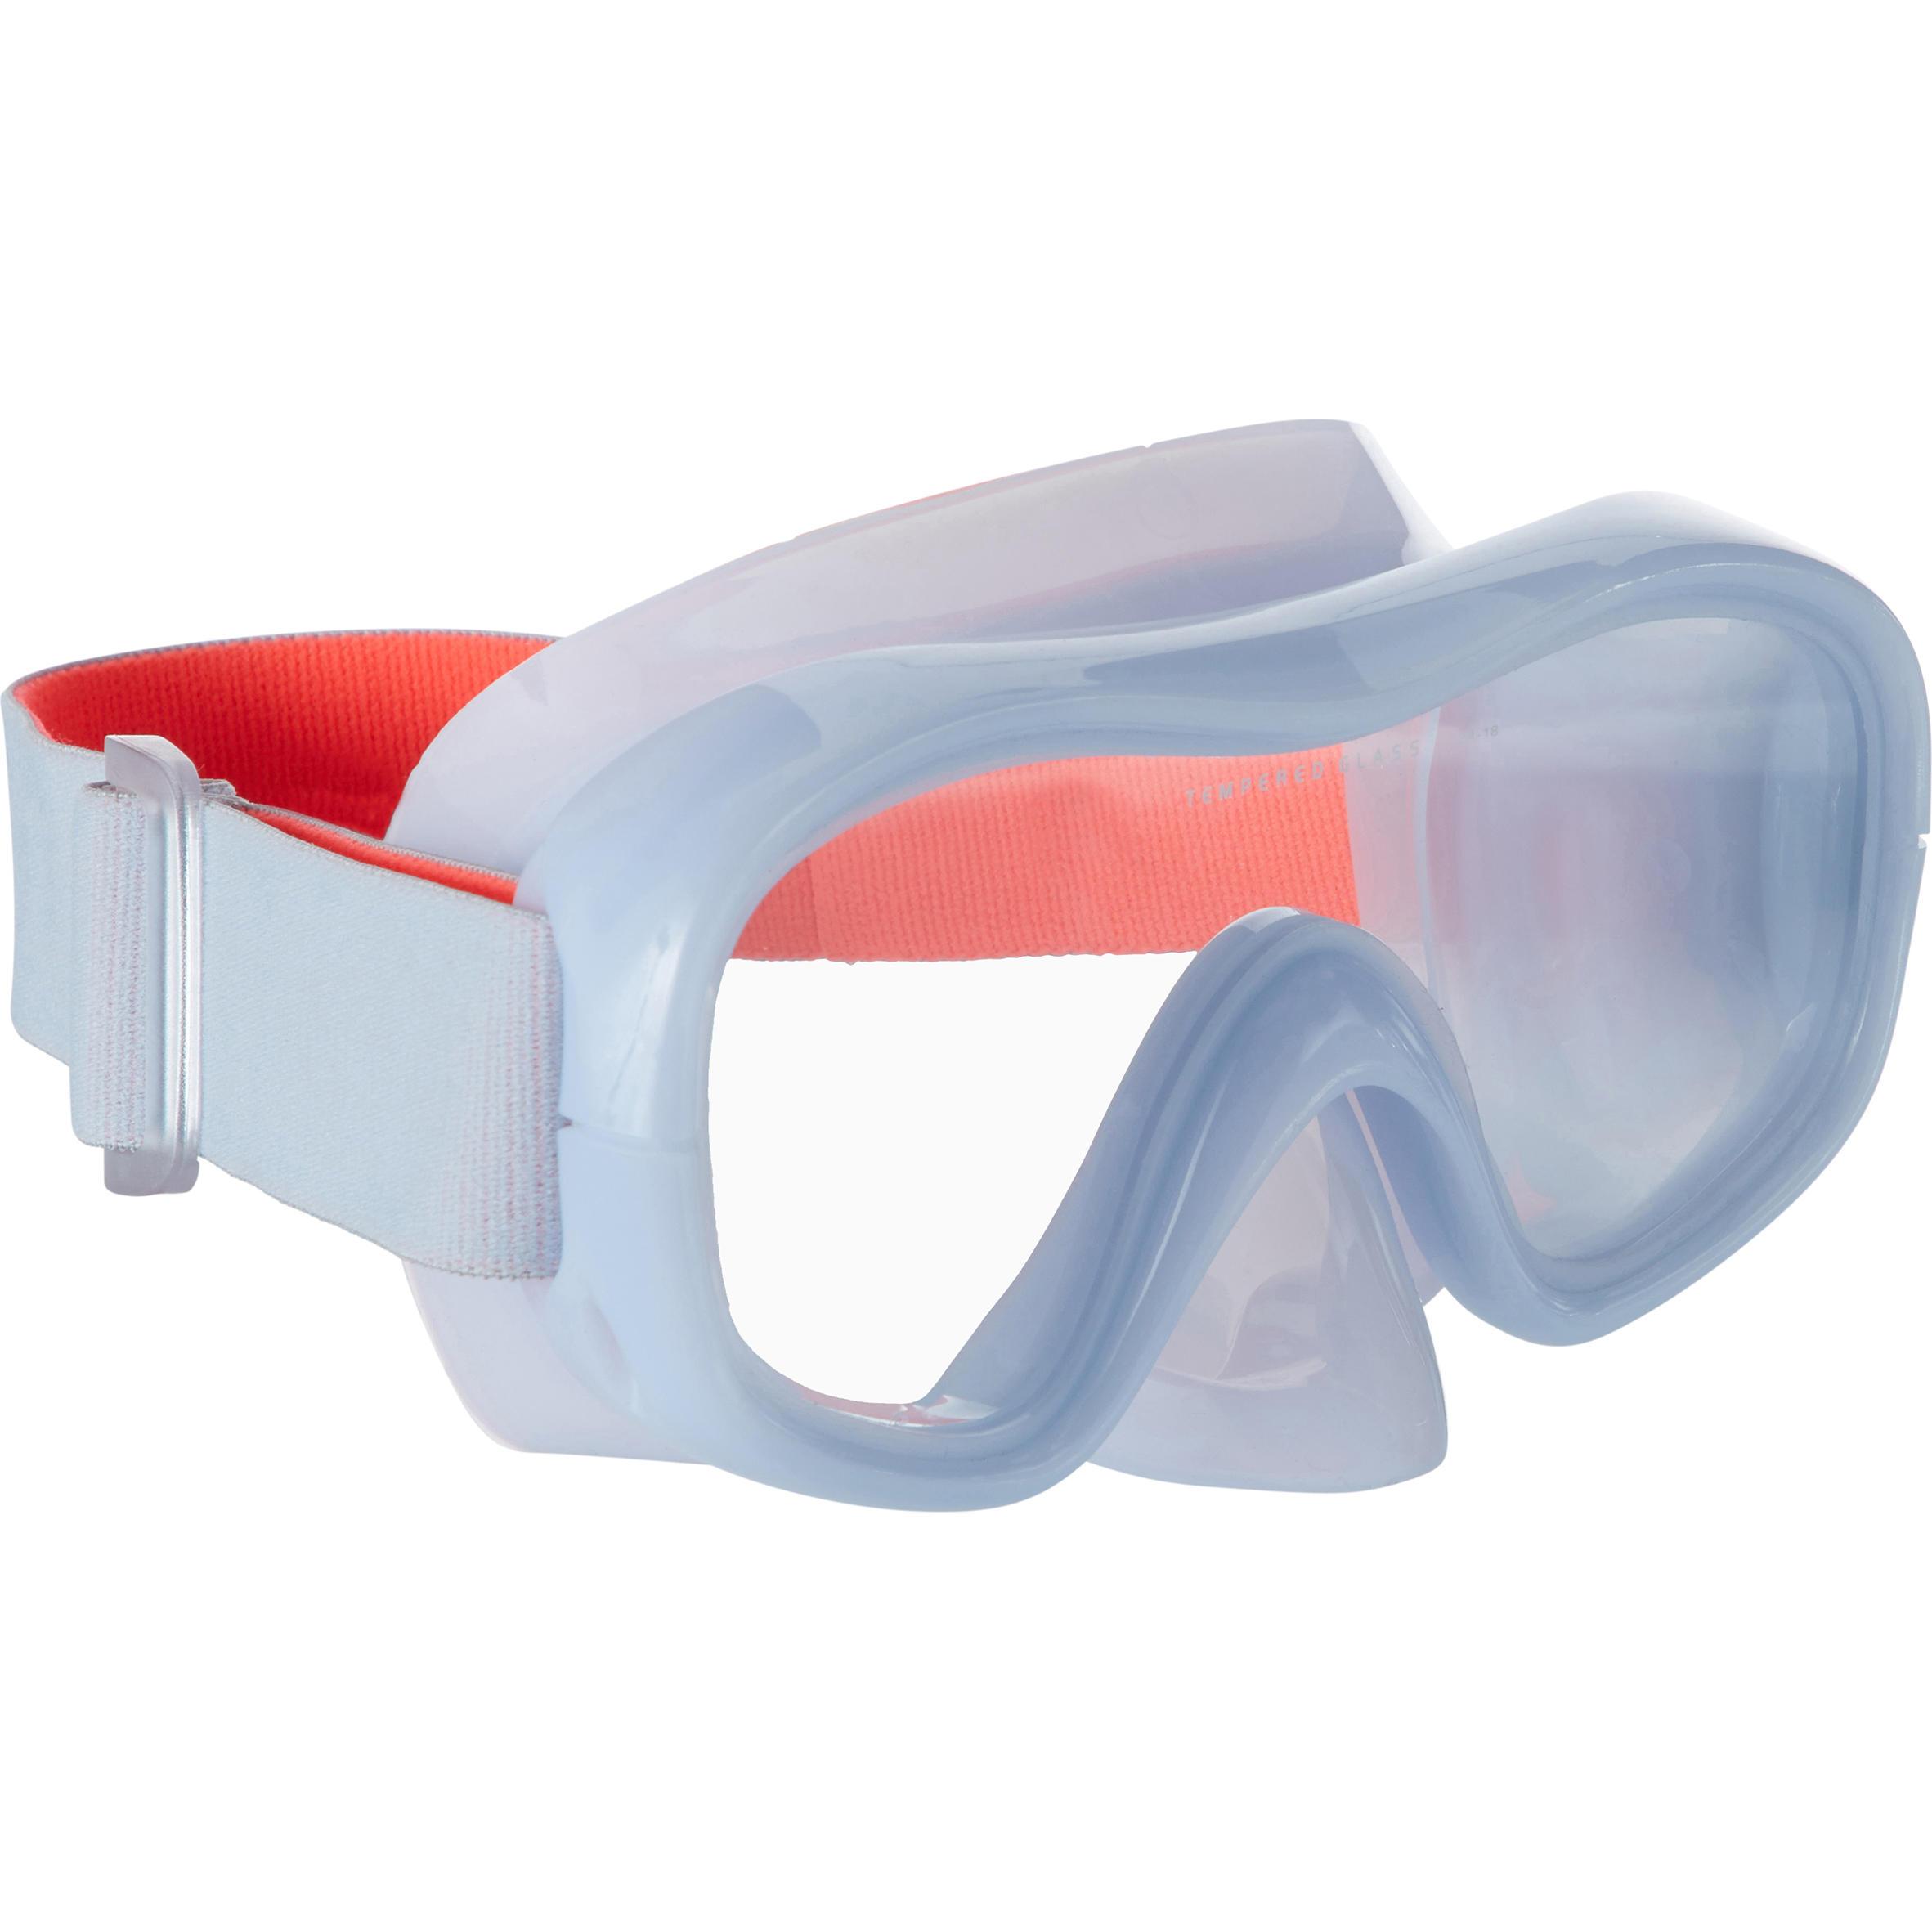 Mască snorkeling SNK 520 Gri imagine